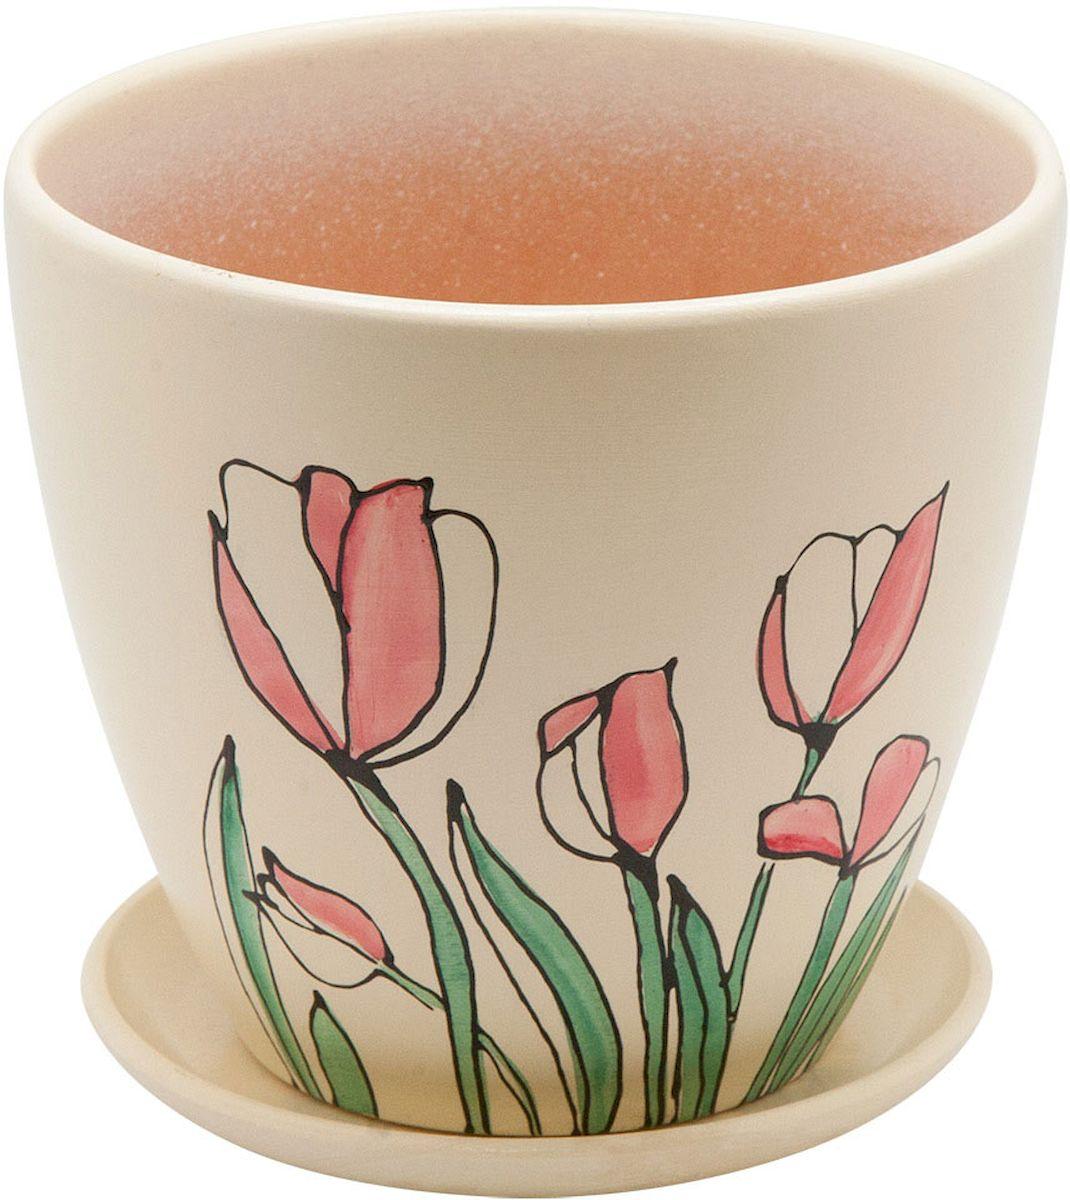 Горшок цветочный Engard, с поддоном, 4,7 л. BH-12-31092019Керамический горшок - это идеальное решение для выращивания комнатных растений и создания изысканности в интерьере. Керамический горшок сделан из высококачественной глины в классической форме и оригинальном дизайне.